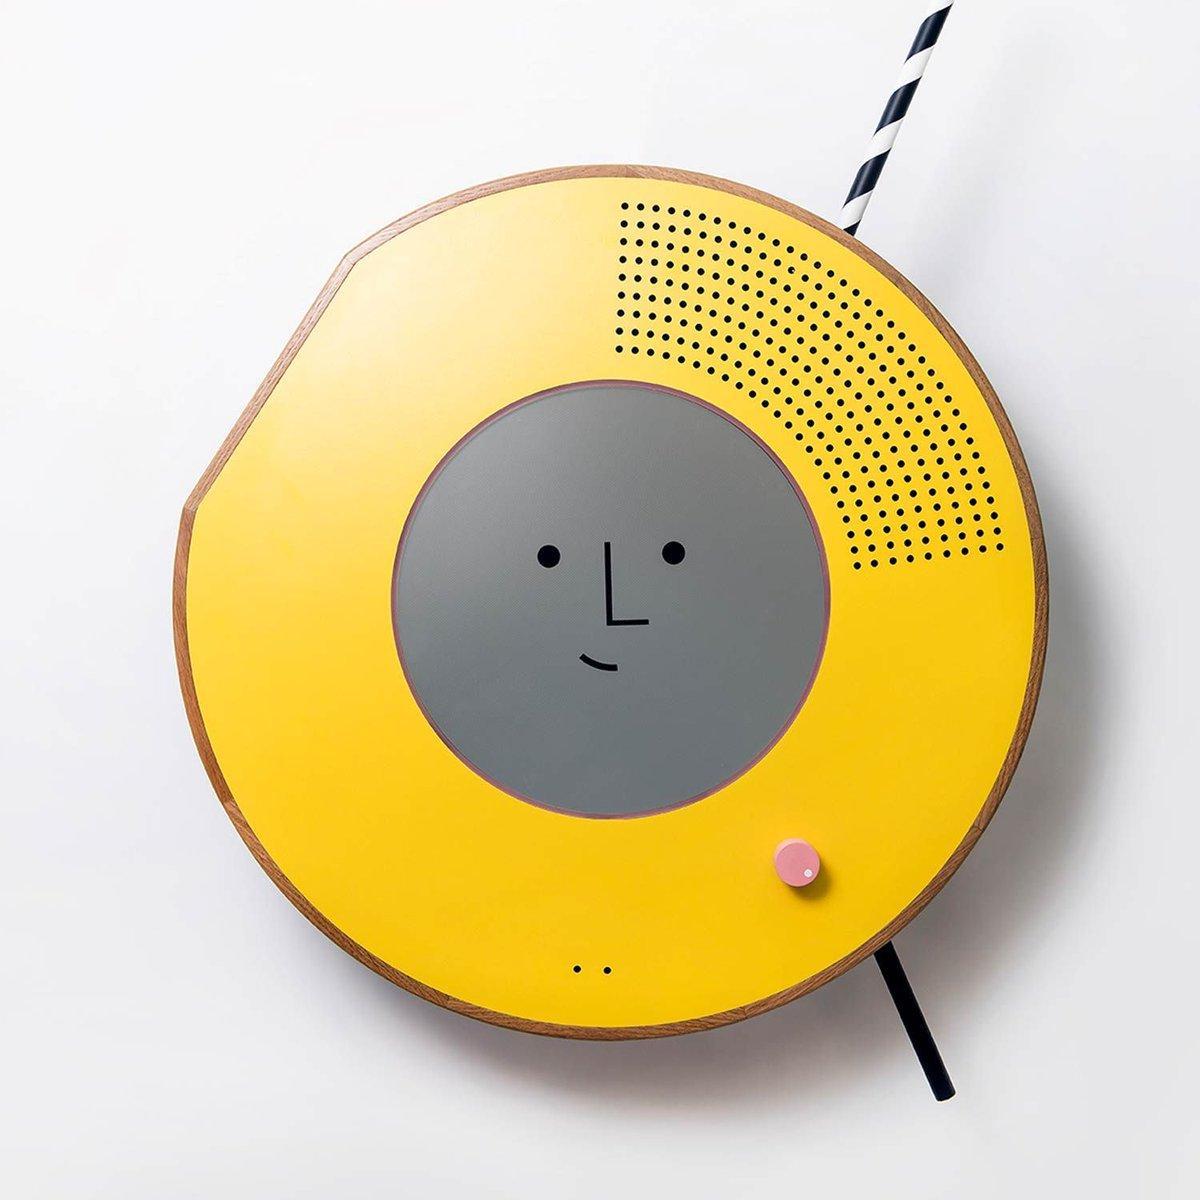 #Solo : la #radio   avec reconnaissance faciale qui adapte la musique   à votre #humeur   par @MichaGUERIN    http:// j.mp/2o6SmYN  &nbsp;  <br>http://pic.twitter.com/C7OrmQa2Hk